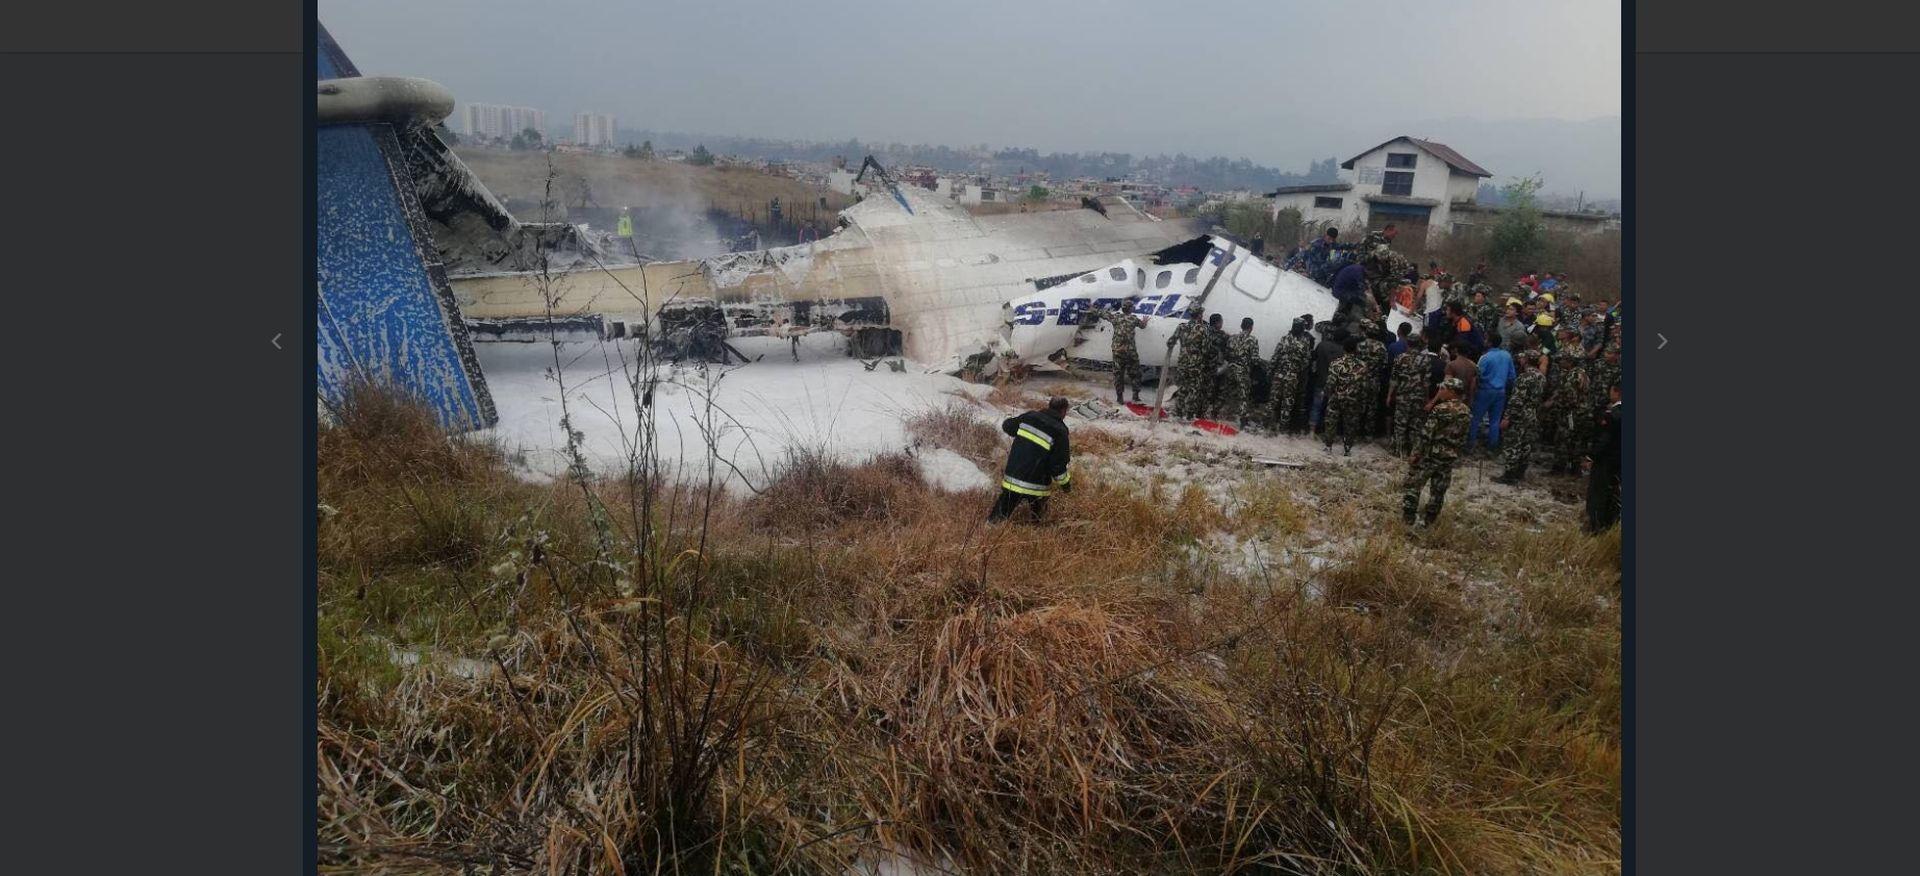 Srušio se putnički zrakoplov u nepalskoj zračnoj luci